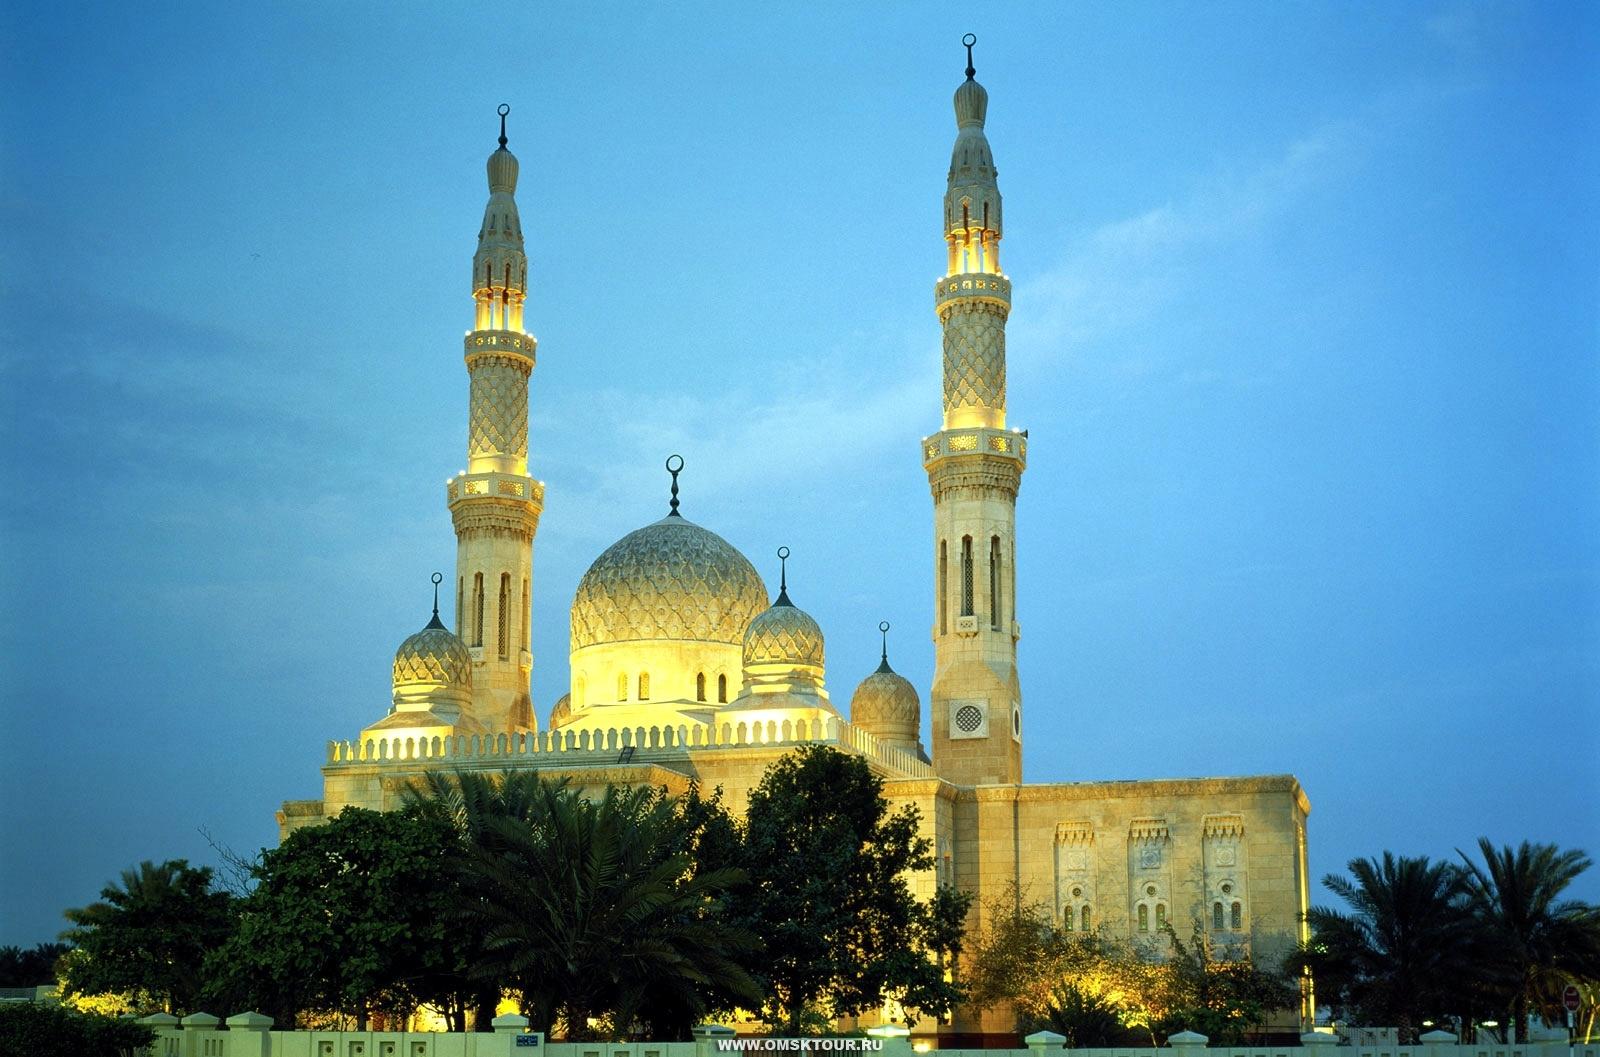 Экскурсии в Дубае. ОАЭ